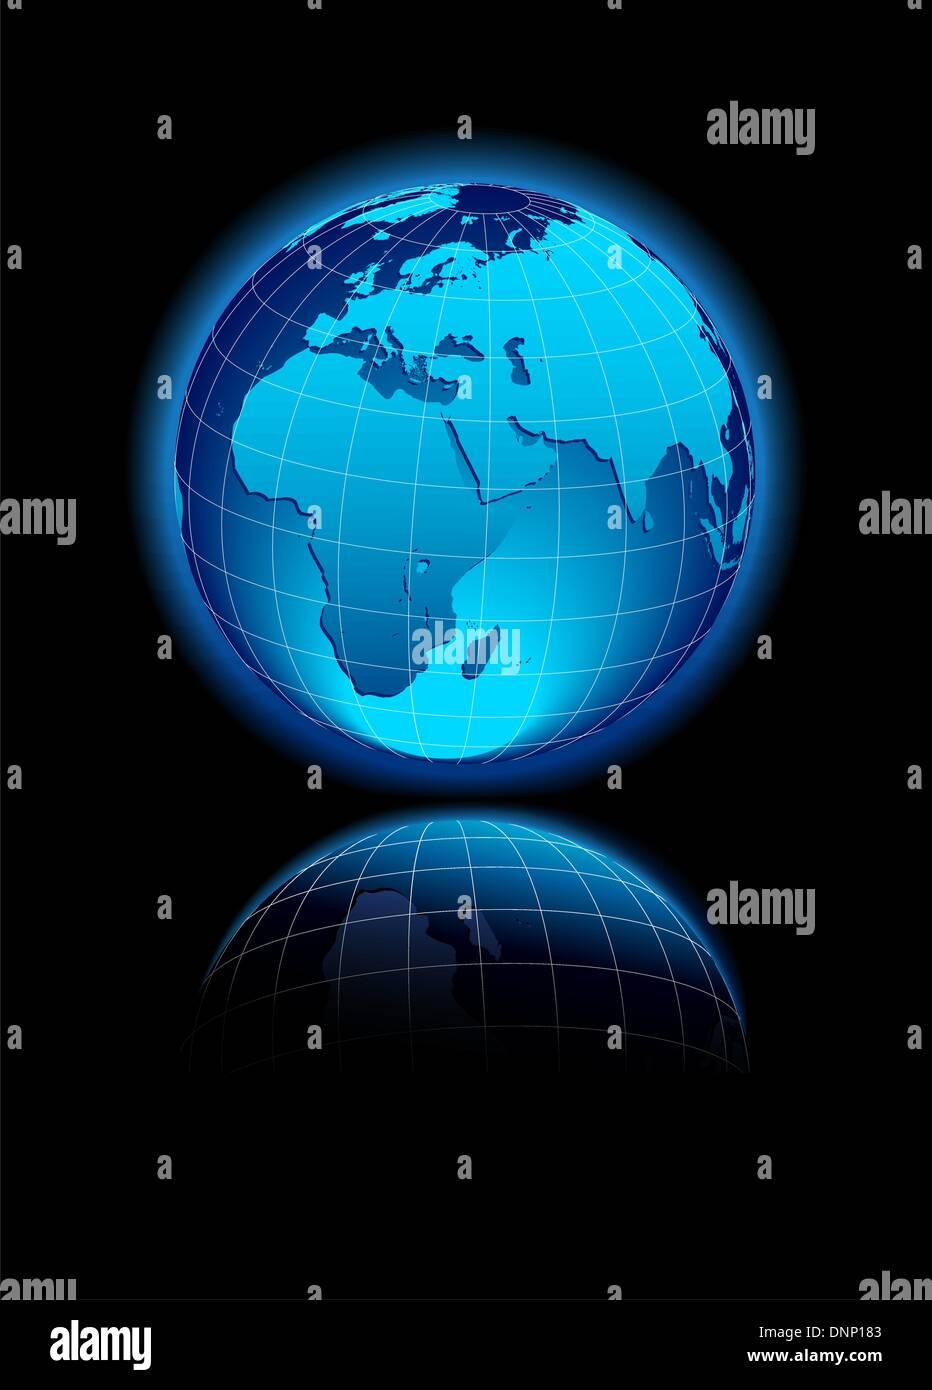 Vektor-Kartensymbol der Welt in Globe-Form - Afrika, Naher Osten Stockbild